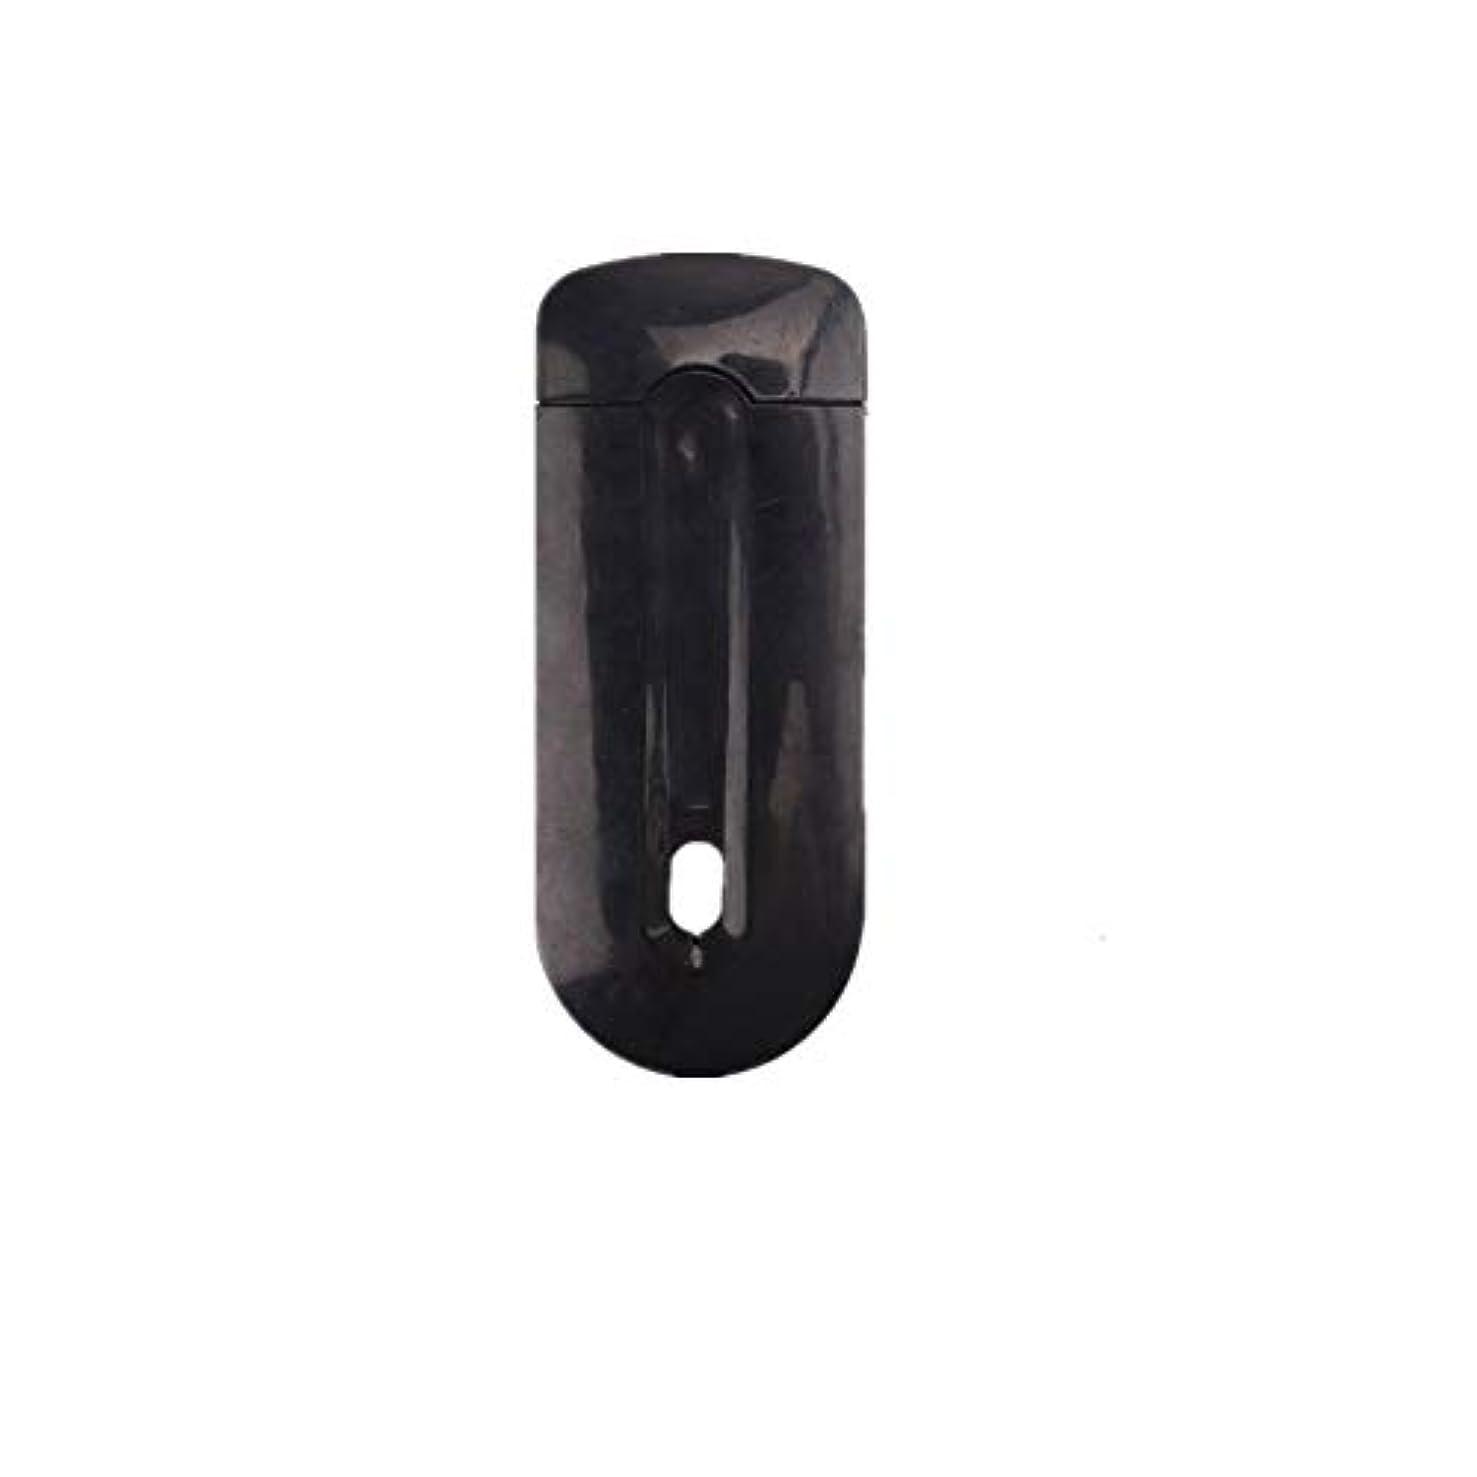 シェーバーメモ無人レーザー脱毛装置は、電気痛みのない、美容院リップ脱毛装置、脇の下ビキニ脚脱毛装置です